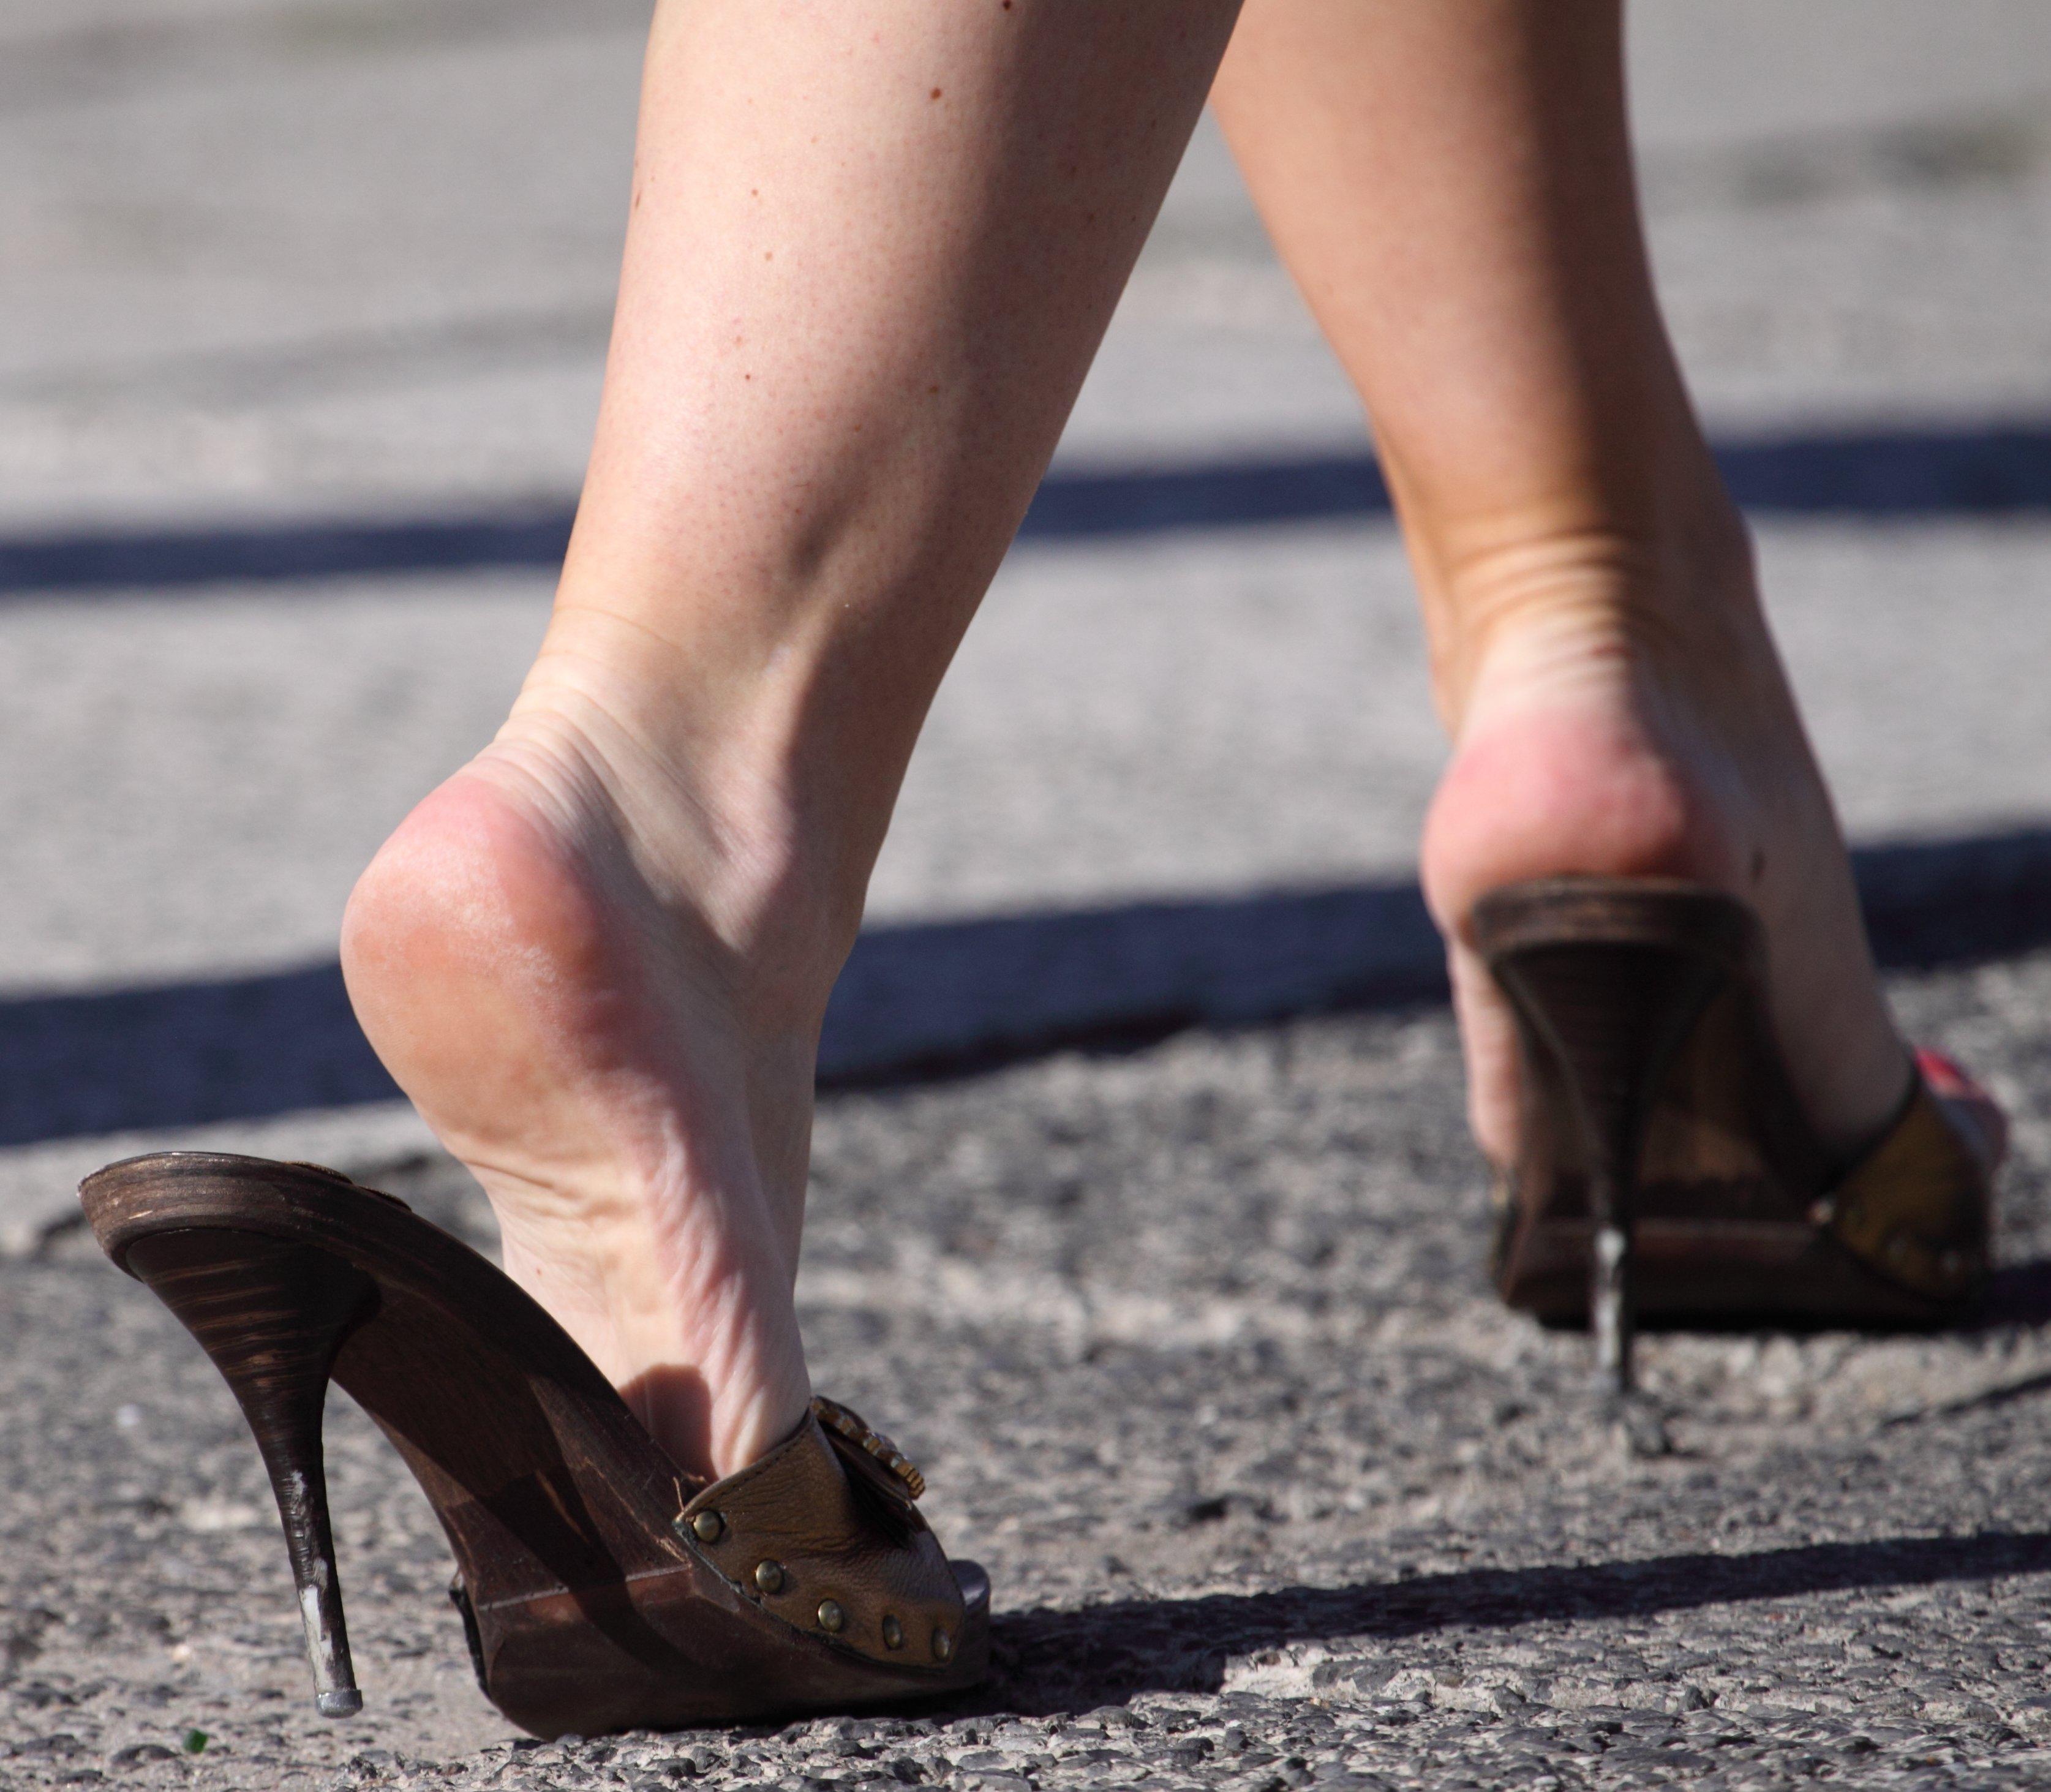 Dangling heels pics